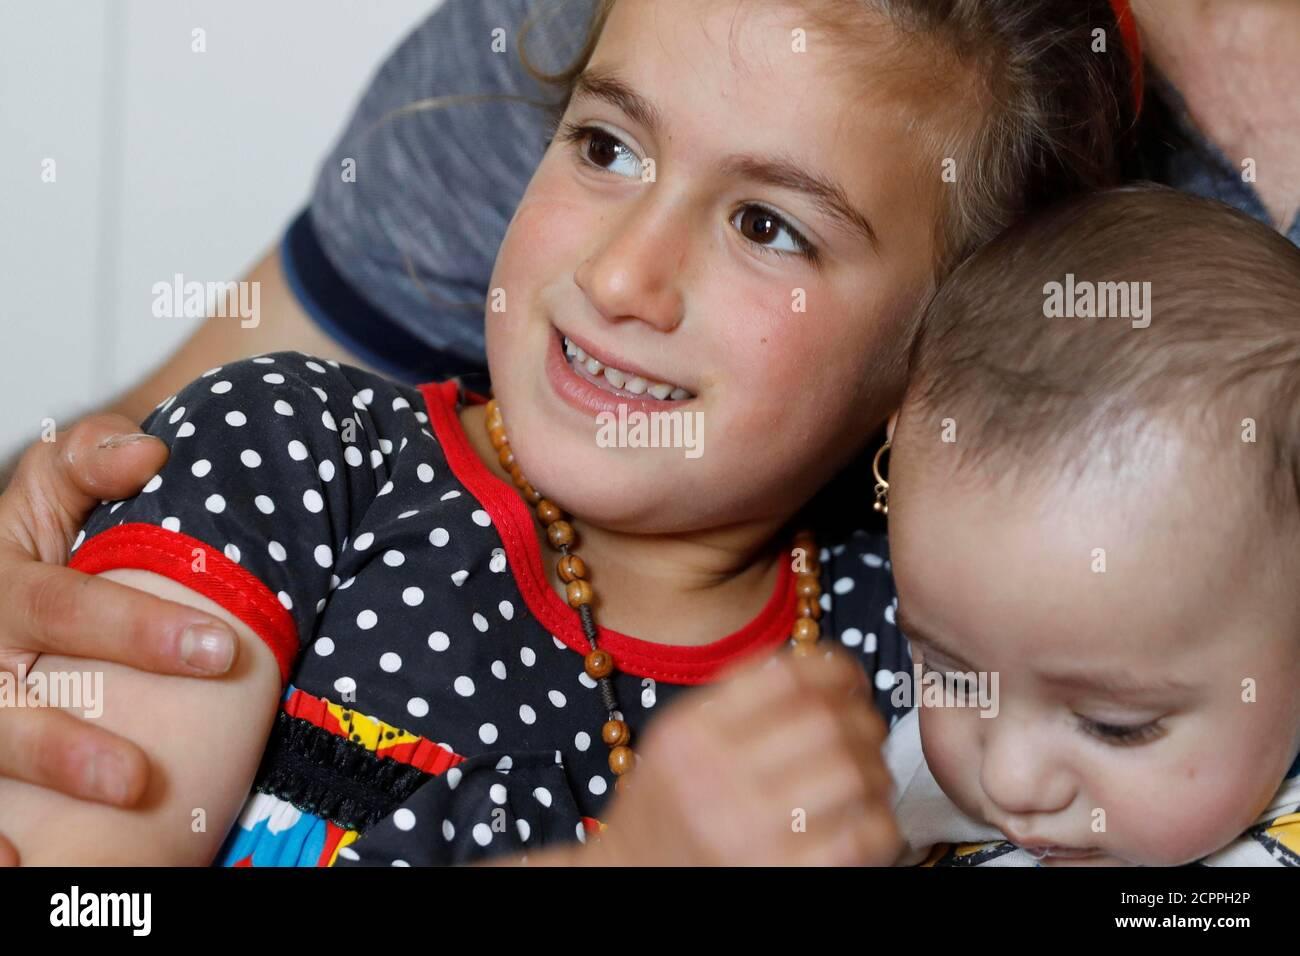 Christina Ezzo Abada irachena, ex ostaggio di militanti dello Stato islamico per tre anni, sorride mentre posa con suo fratello e nipote in una casa ristretta in un campo profughi a Erbil, Iraq, 10 giugno 2017. REUTERS/Erik De Castro Foto Stock